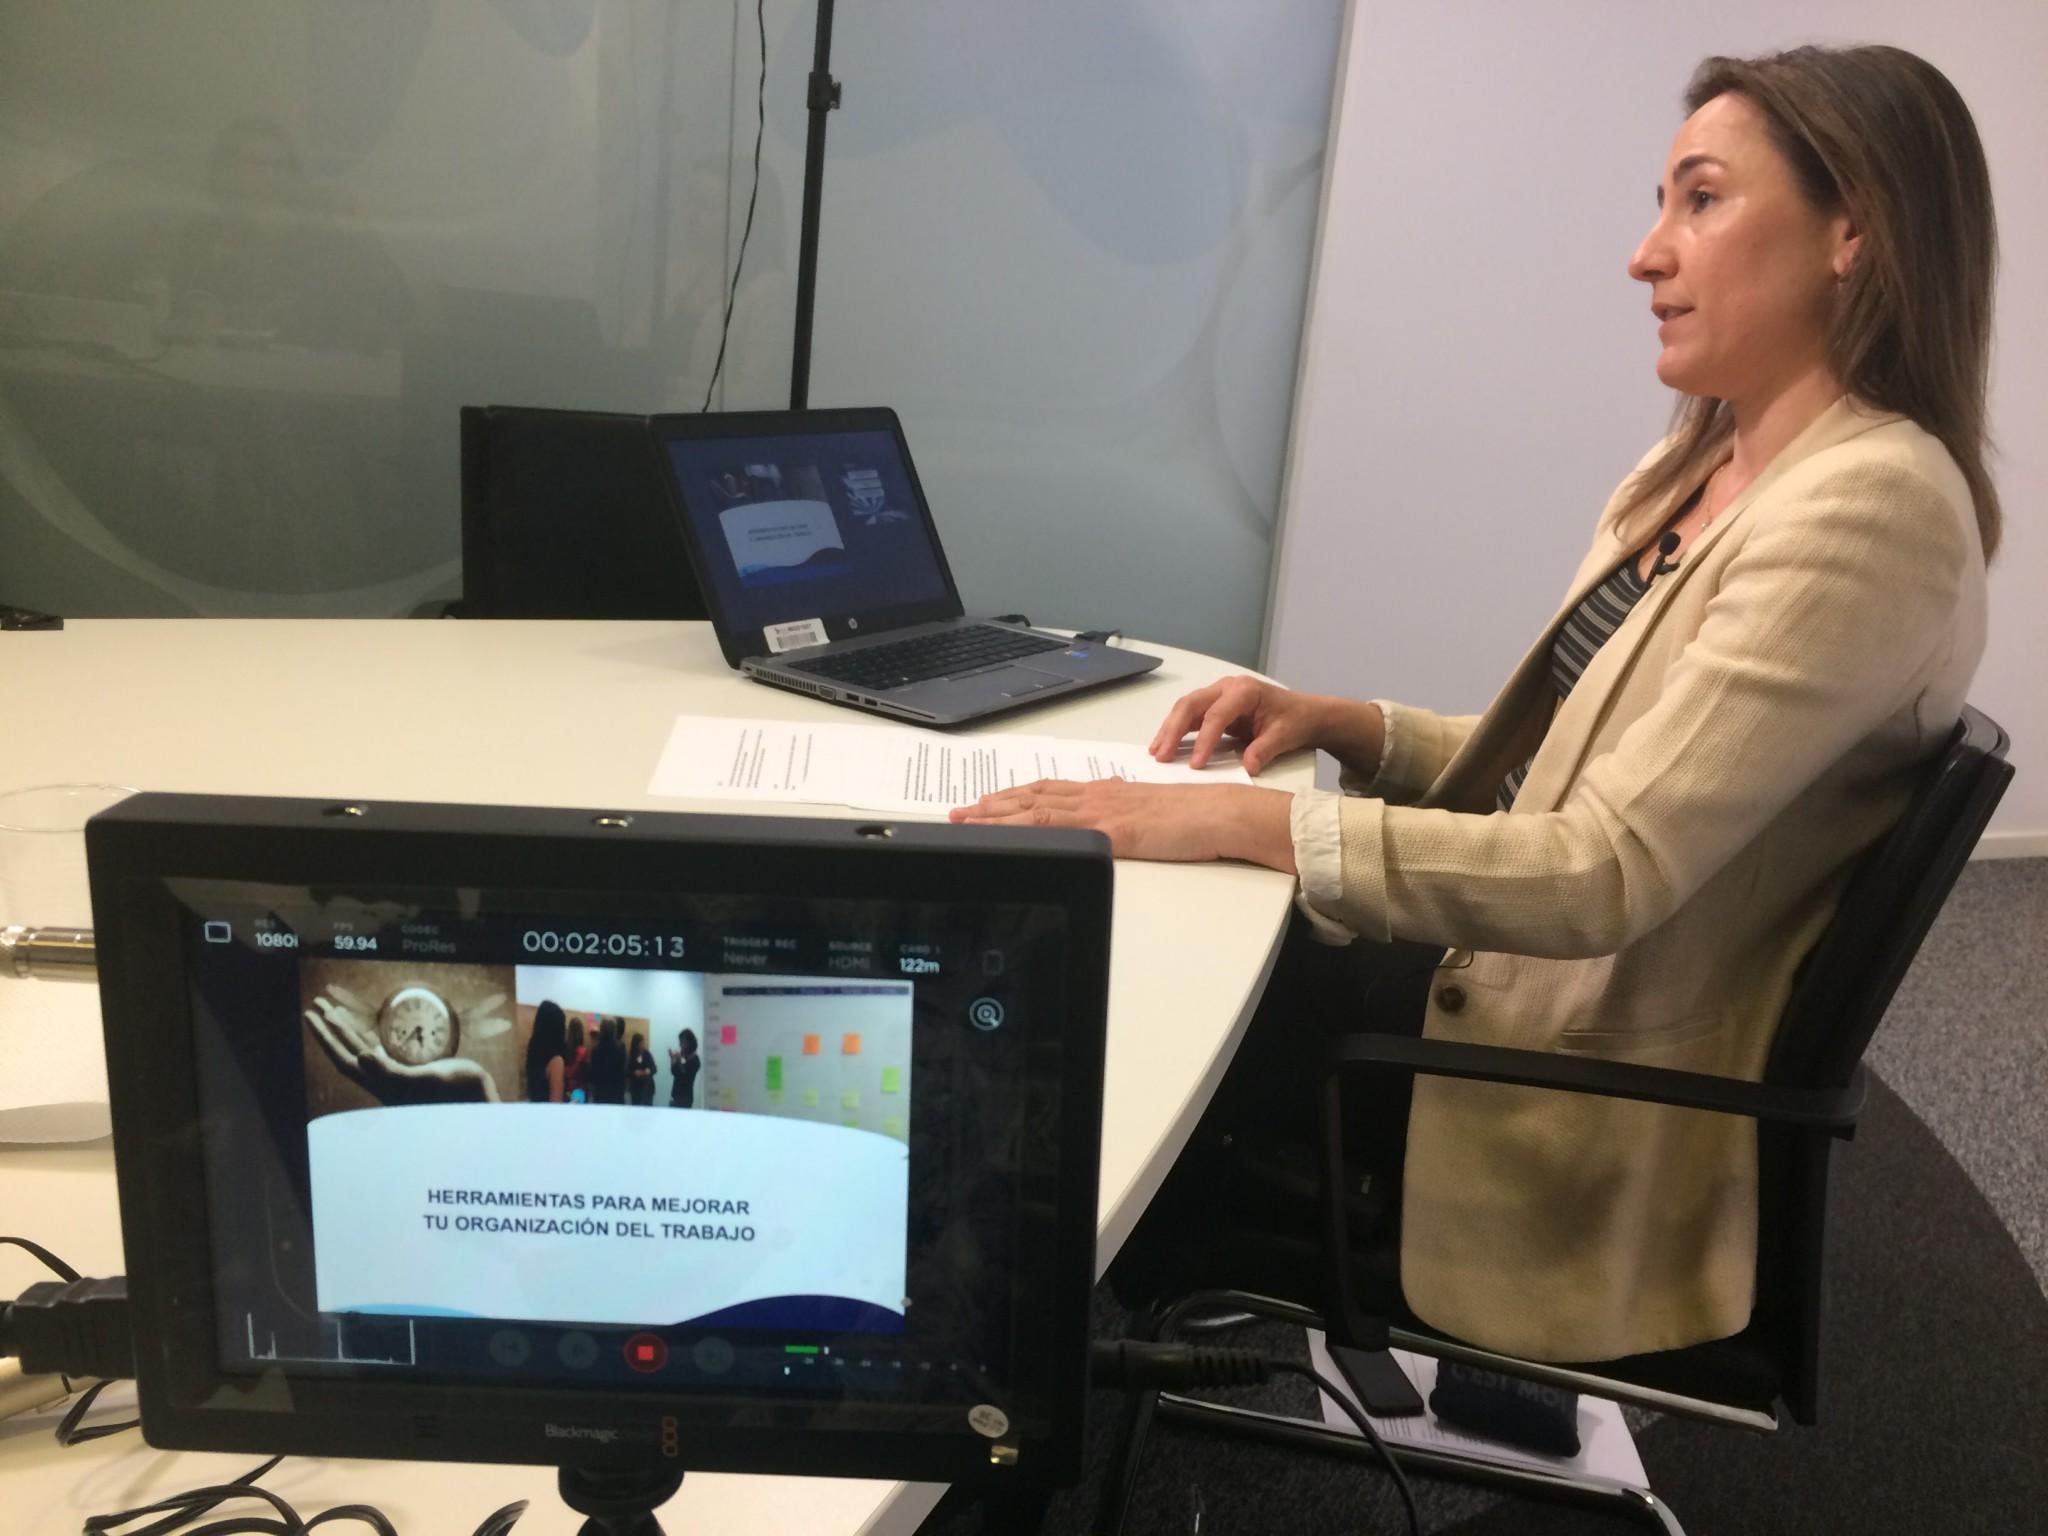 grabación de vídeos de formación